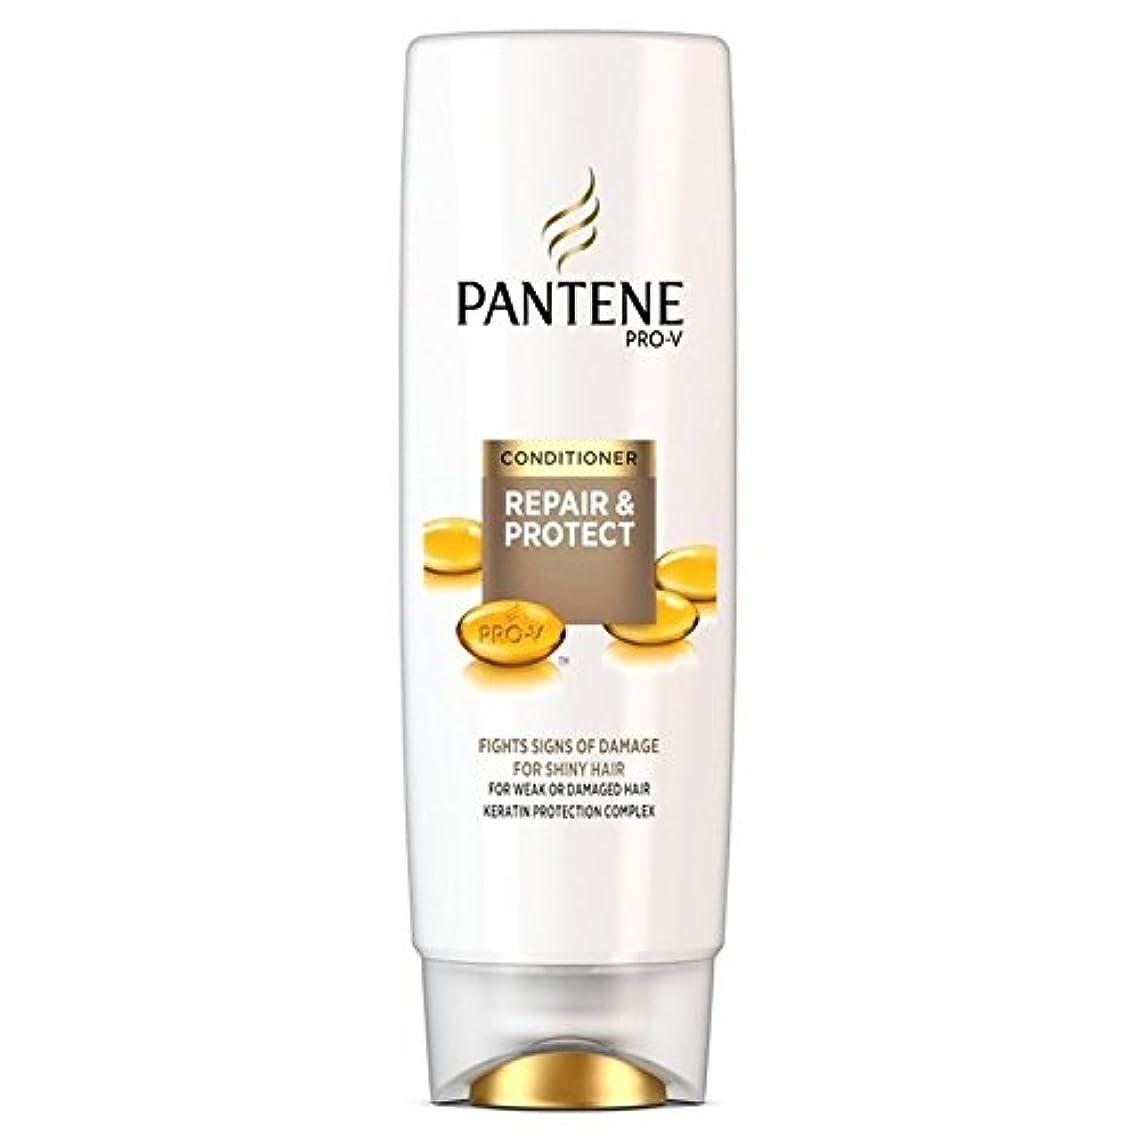 シンボルきょうだい試してみるPantene Conditioner Repair & Protect For Weak Or Damaged Hair 250ml - パンテーンコンディショナーの修理&弱いか、傷んだ髪の250ミリリットルのための保護...